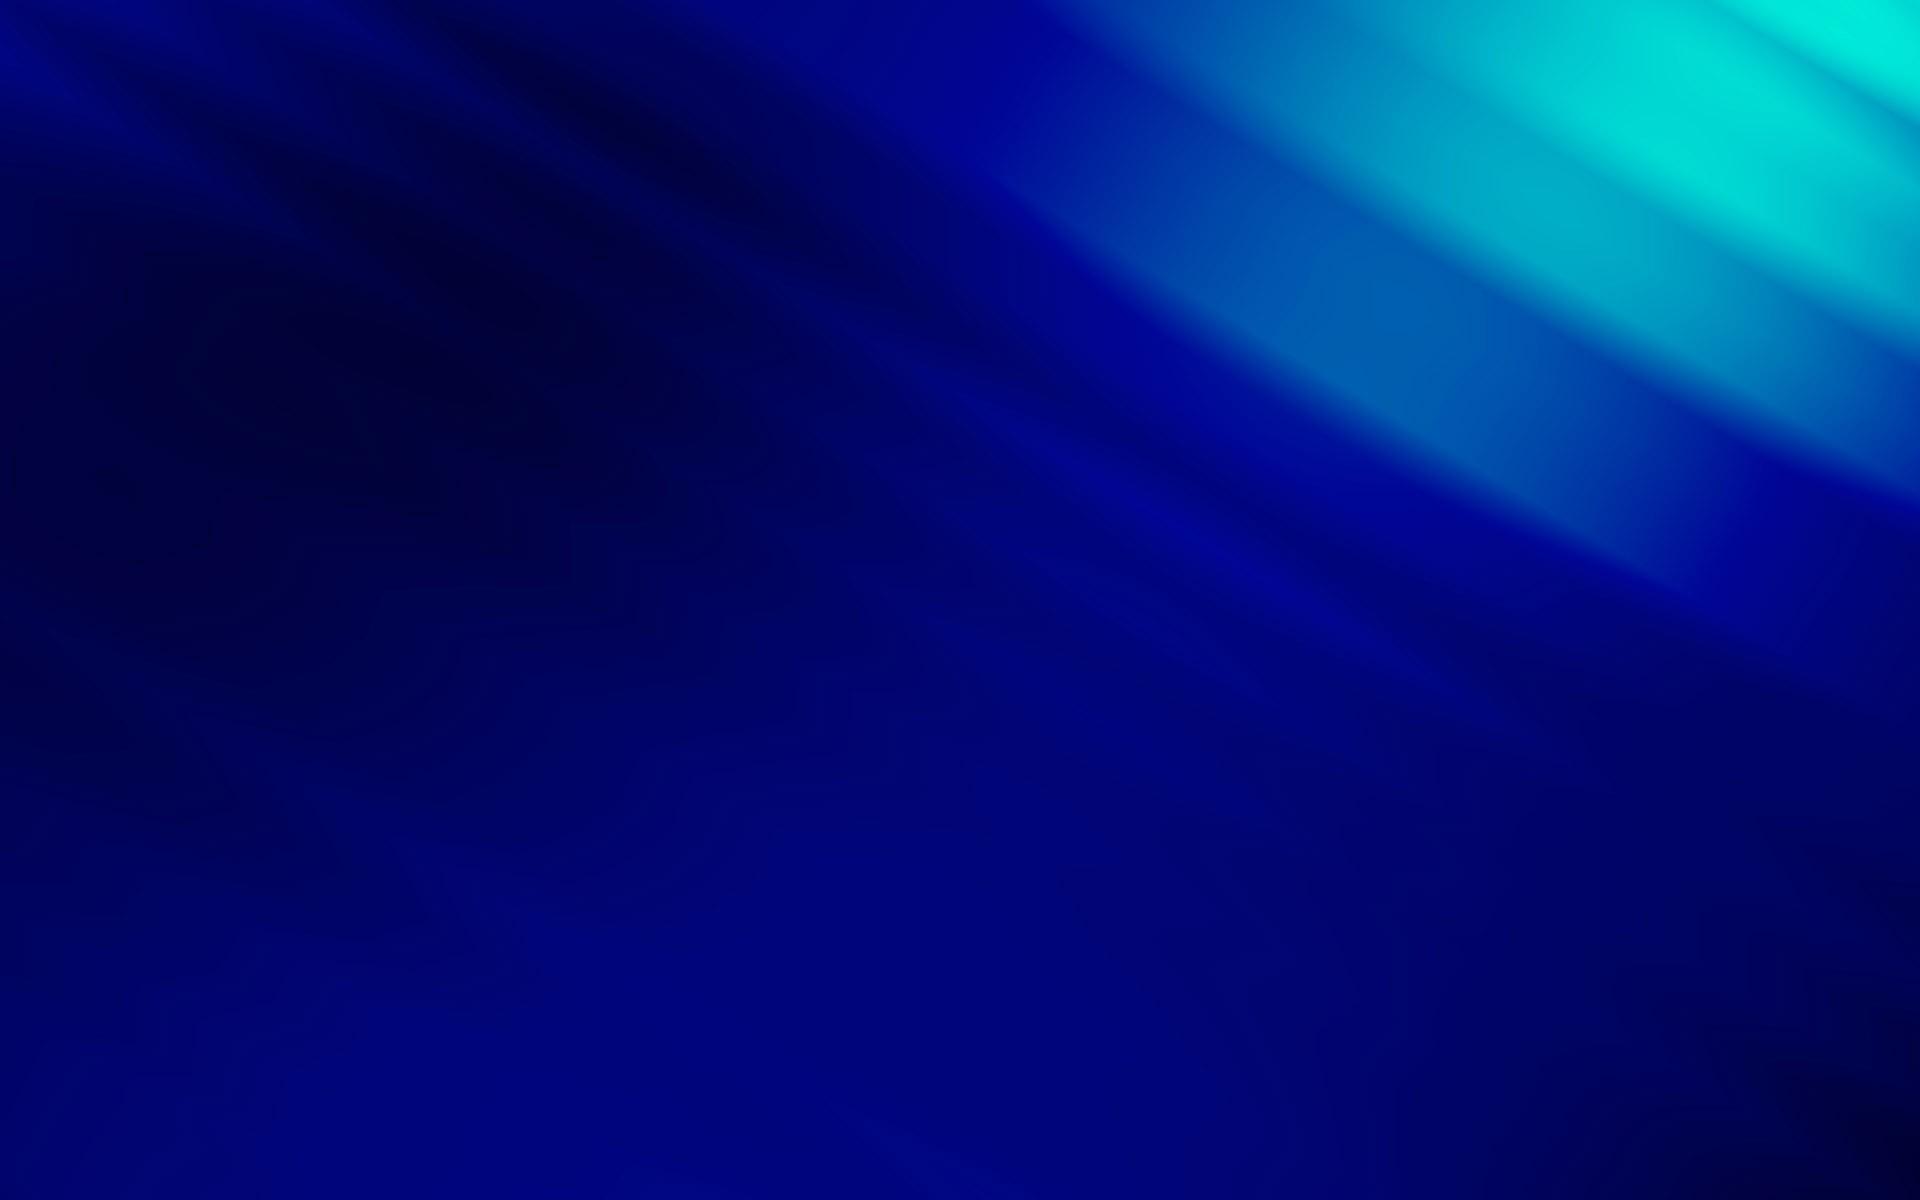 Sfondi Colorato Astratto Blu Lens Flare Linea 1920x1200 Px